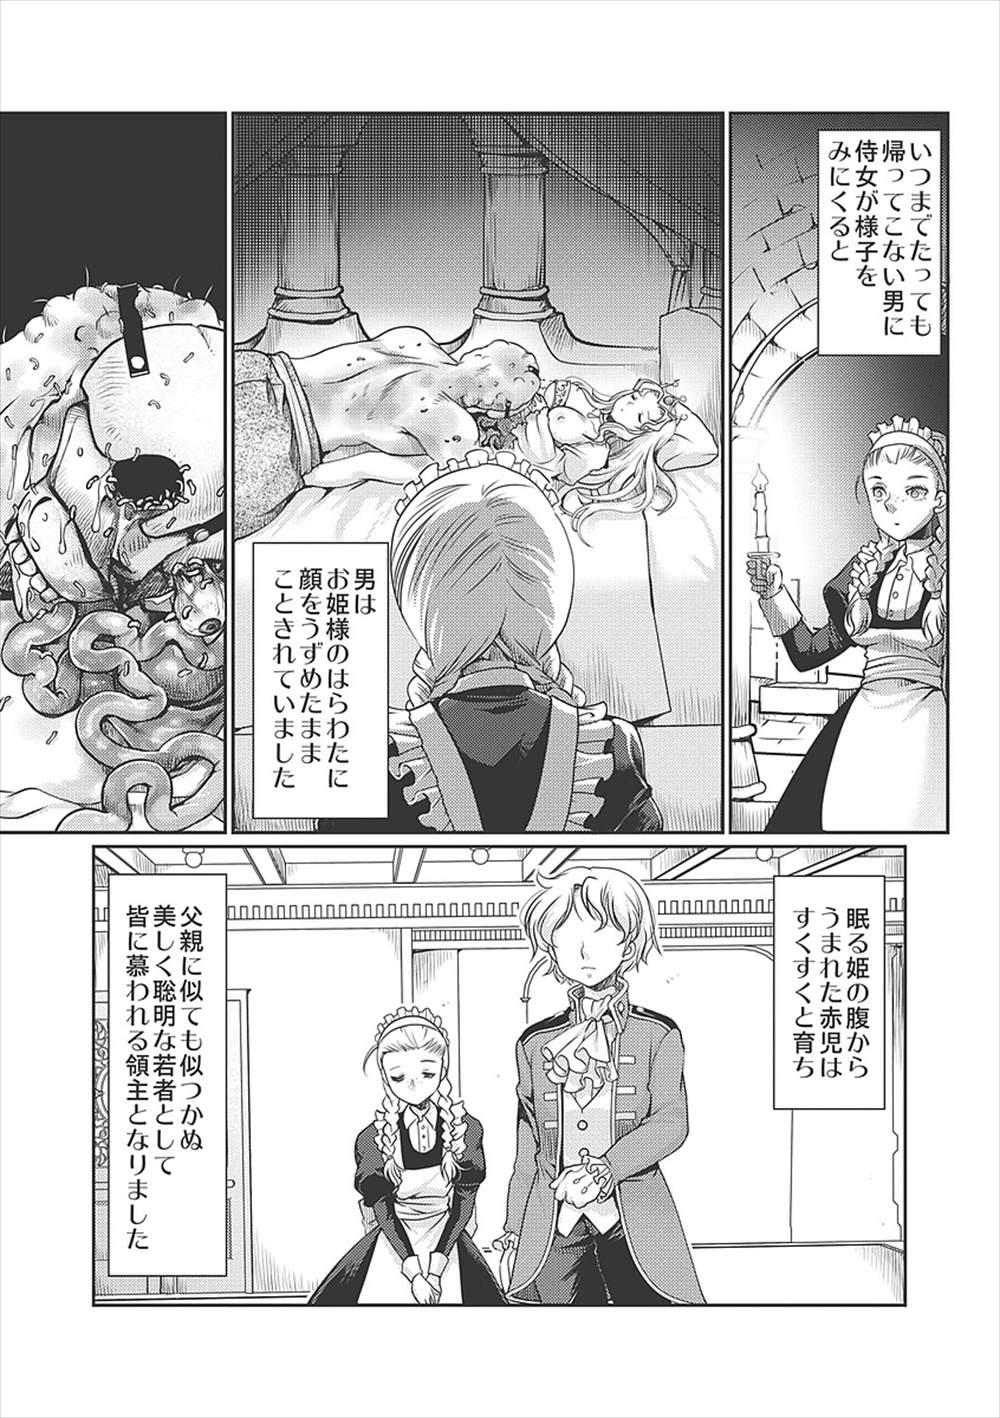 【エロ漫画・リョナグロ注意】眠ったままの姫は男たちの肉人形になり、ボテ腹を裂かれて内蔵丸出し…